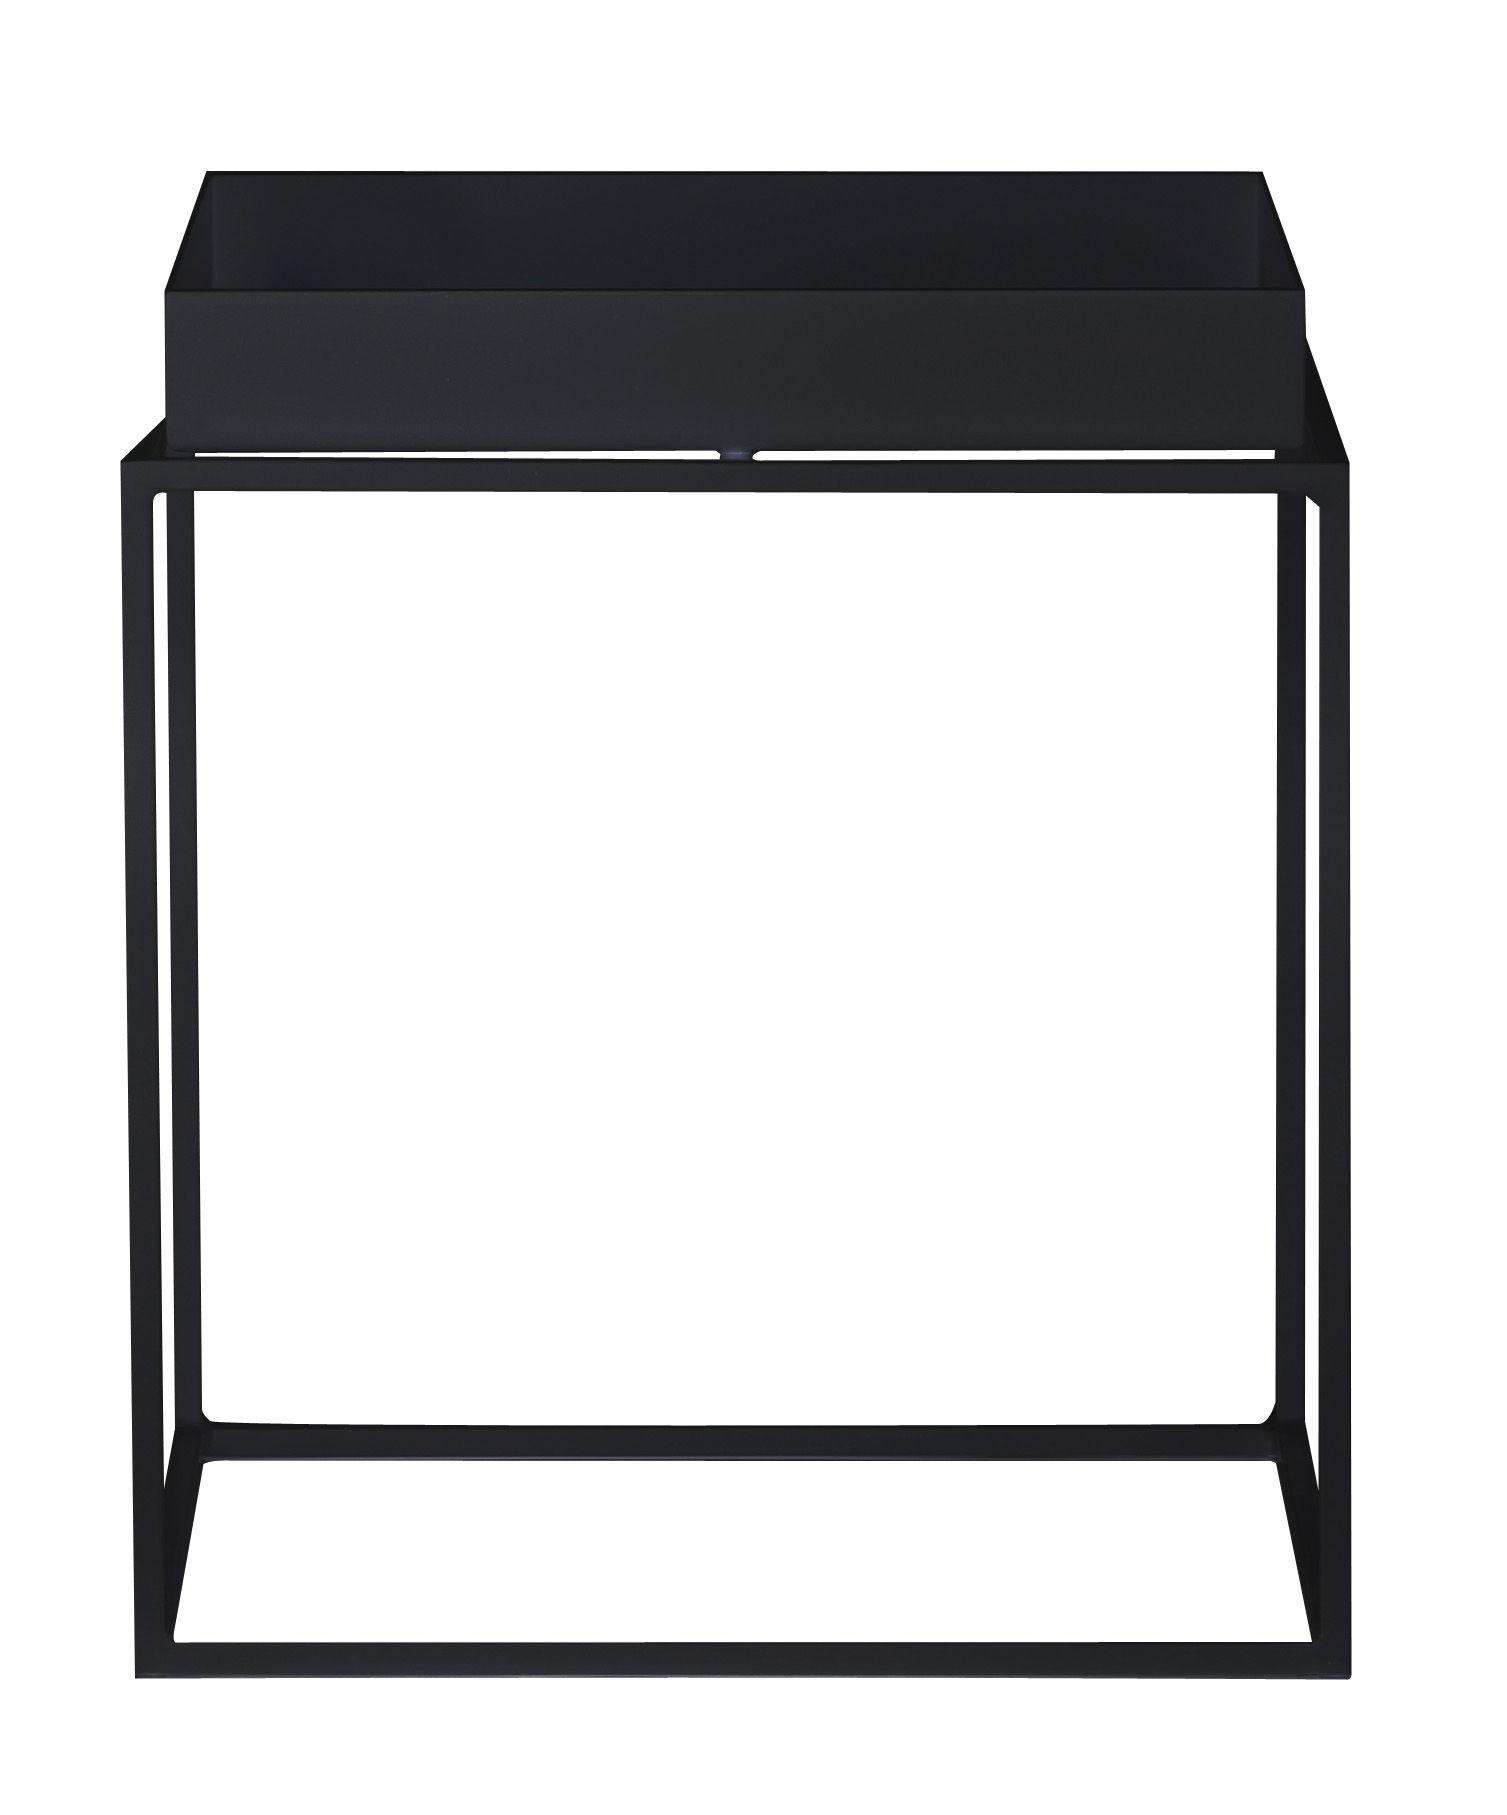 Möbel - Couchtische - Tray Couchtisch H 40 cm - 40 x 40 cm - Hay - Schwarz - lackierter Stahl